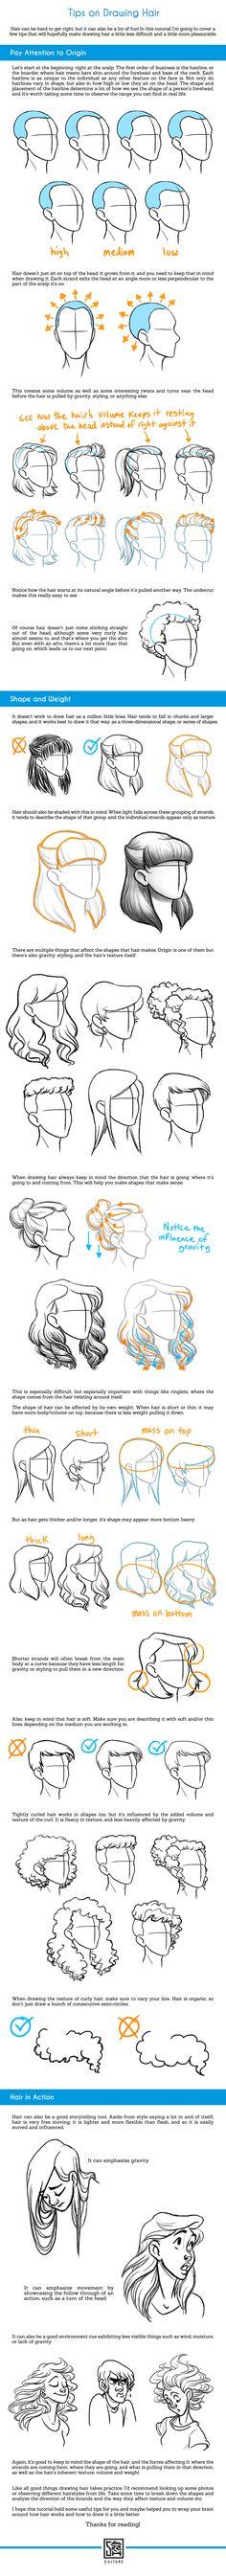 Según el gender se convierte de chico a chica cambiando el pelo y la ropa.